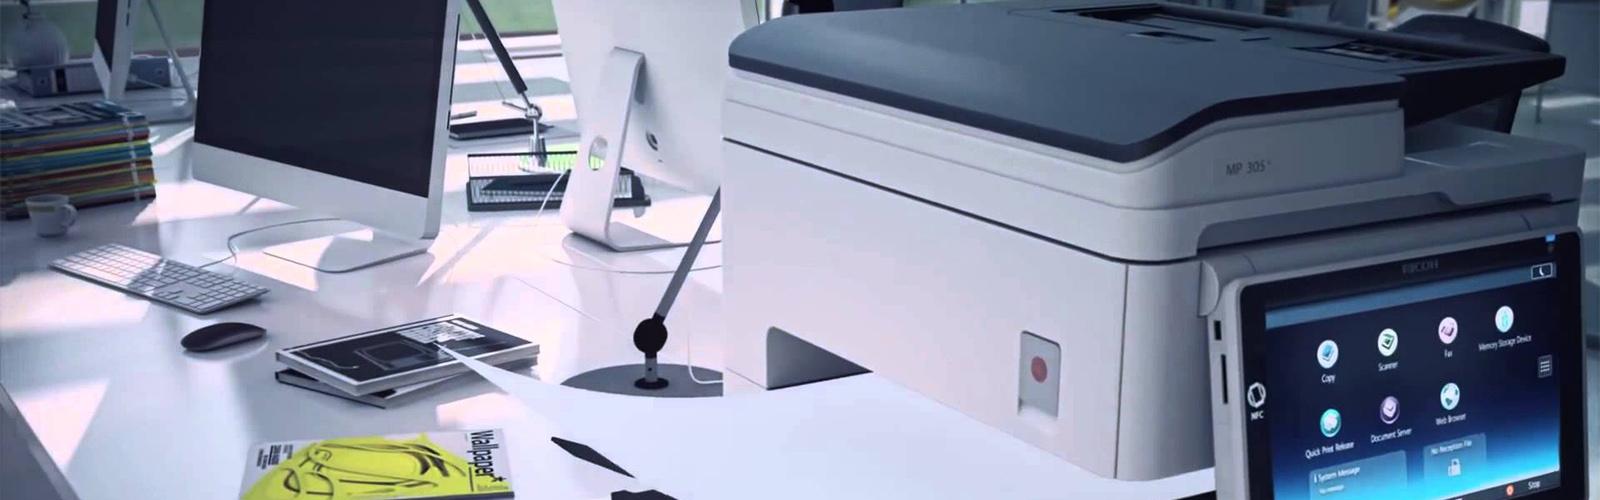 naprawa drukarek ricoh